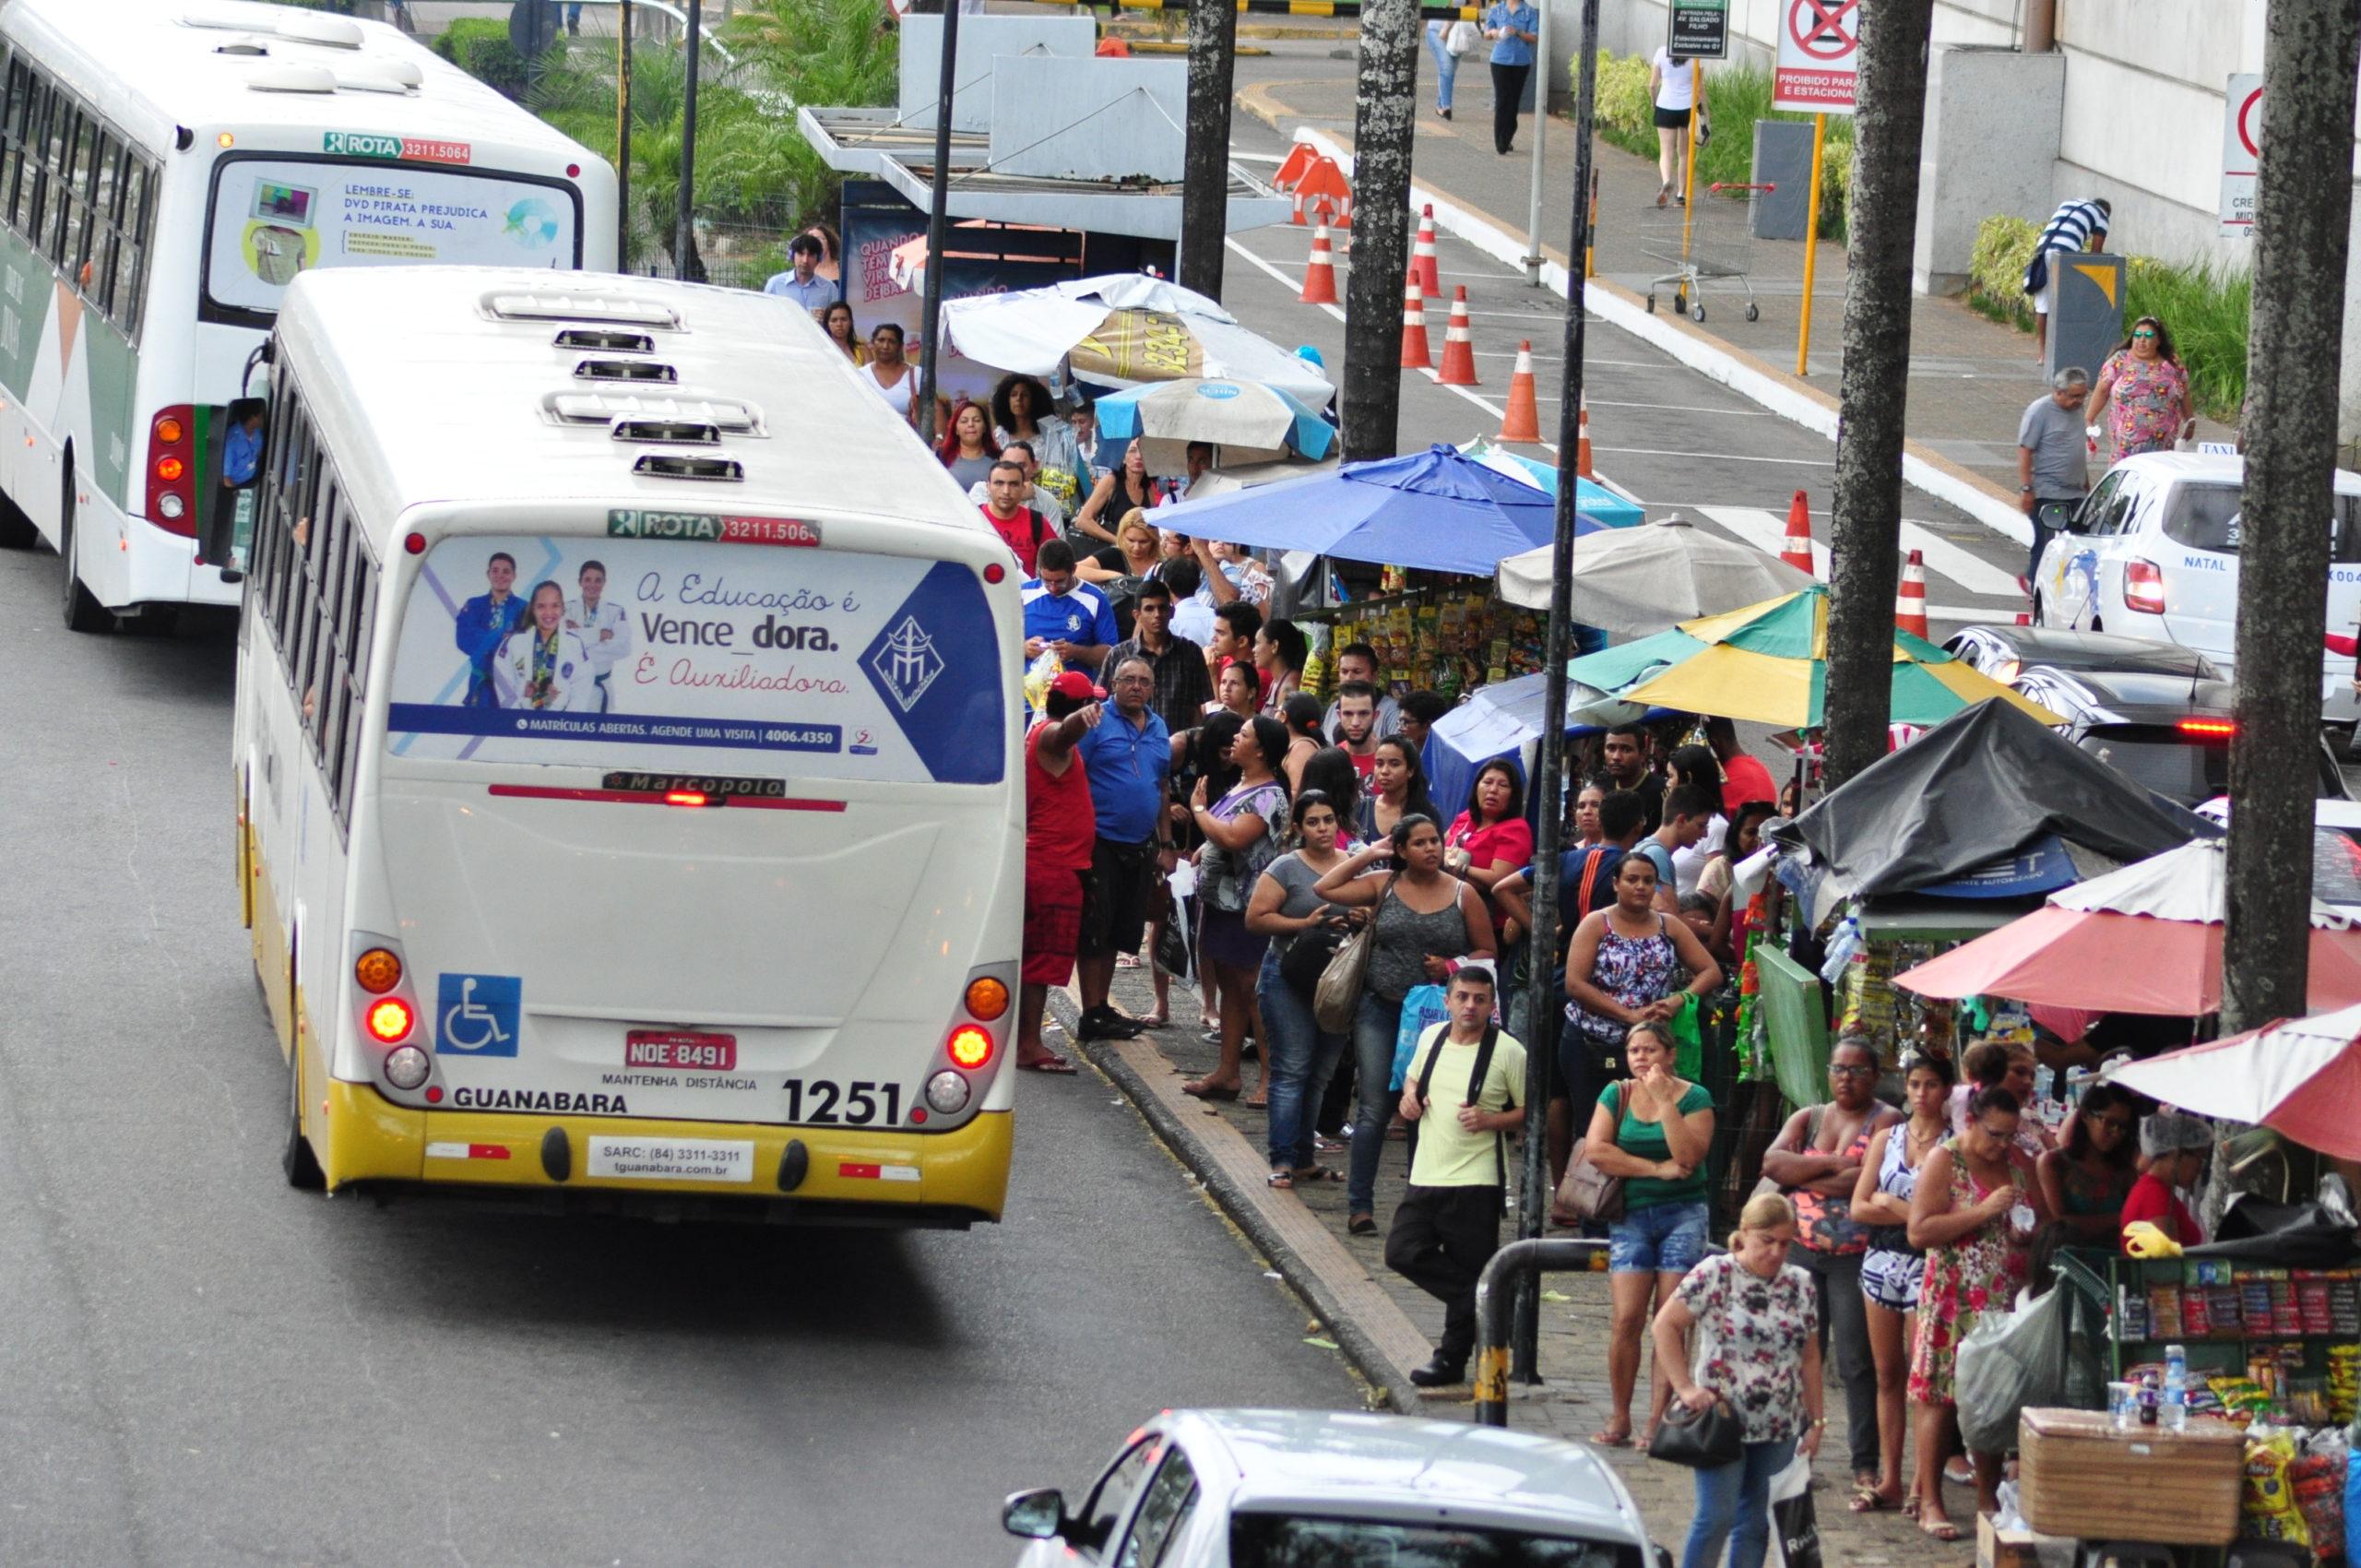 Parada de Onibus na av Bernardo Vieira 3 scaled